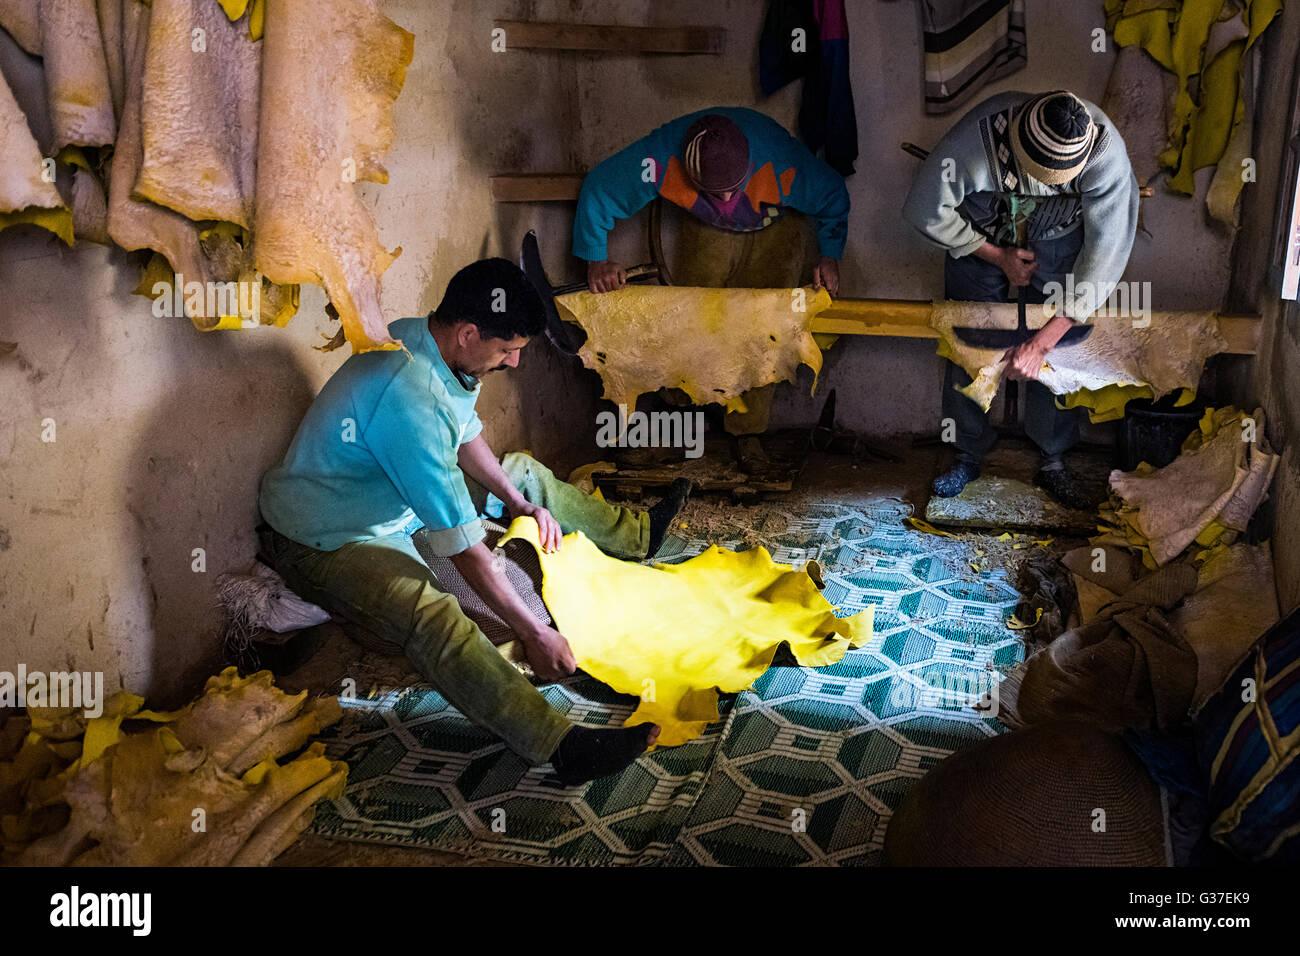 Fes, Marokko - 11. April 2016: Baum-Mann arbeitet in einer Gerberei in der Stadt Fez in Marokko. Stockbild